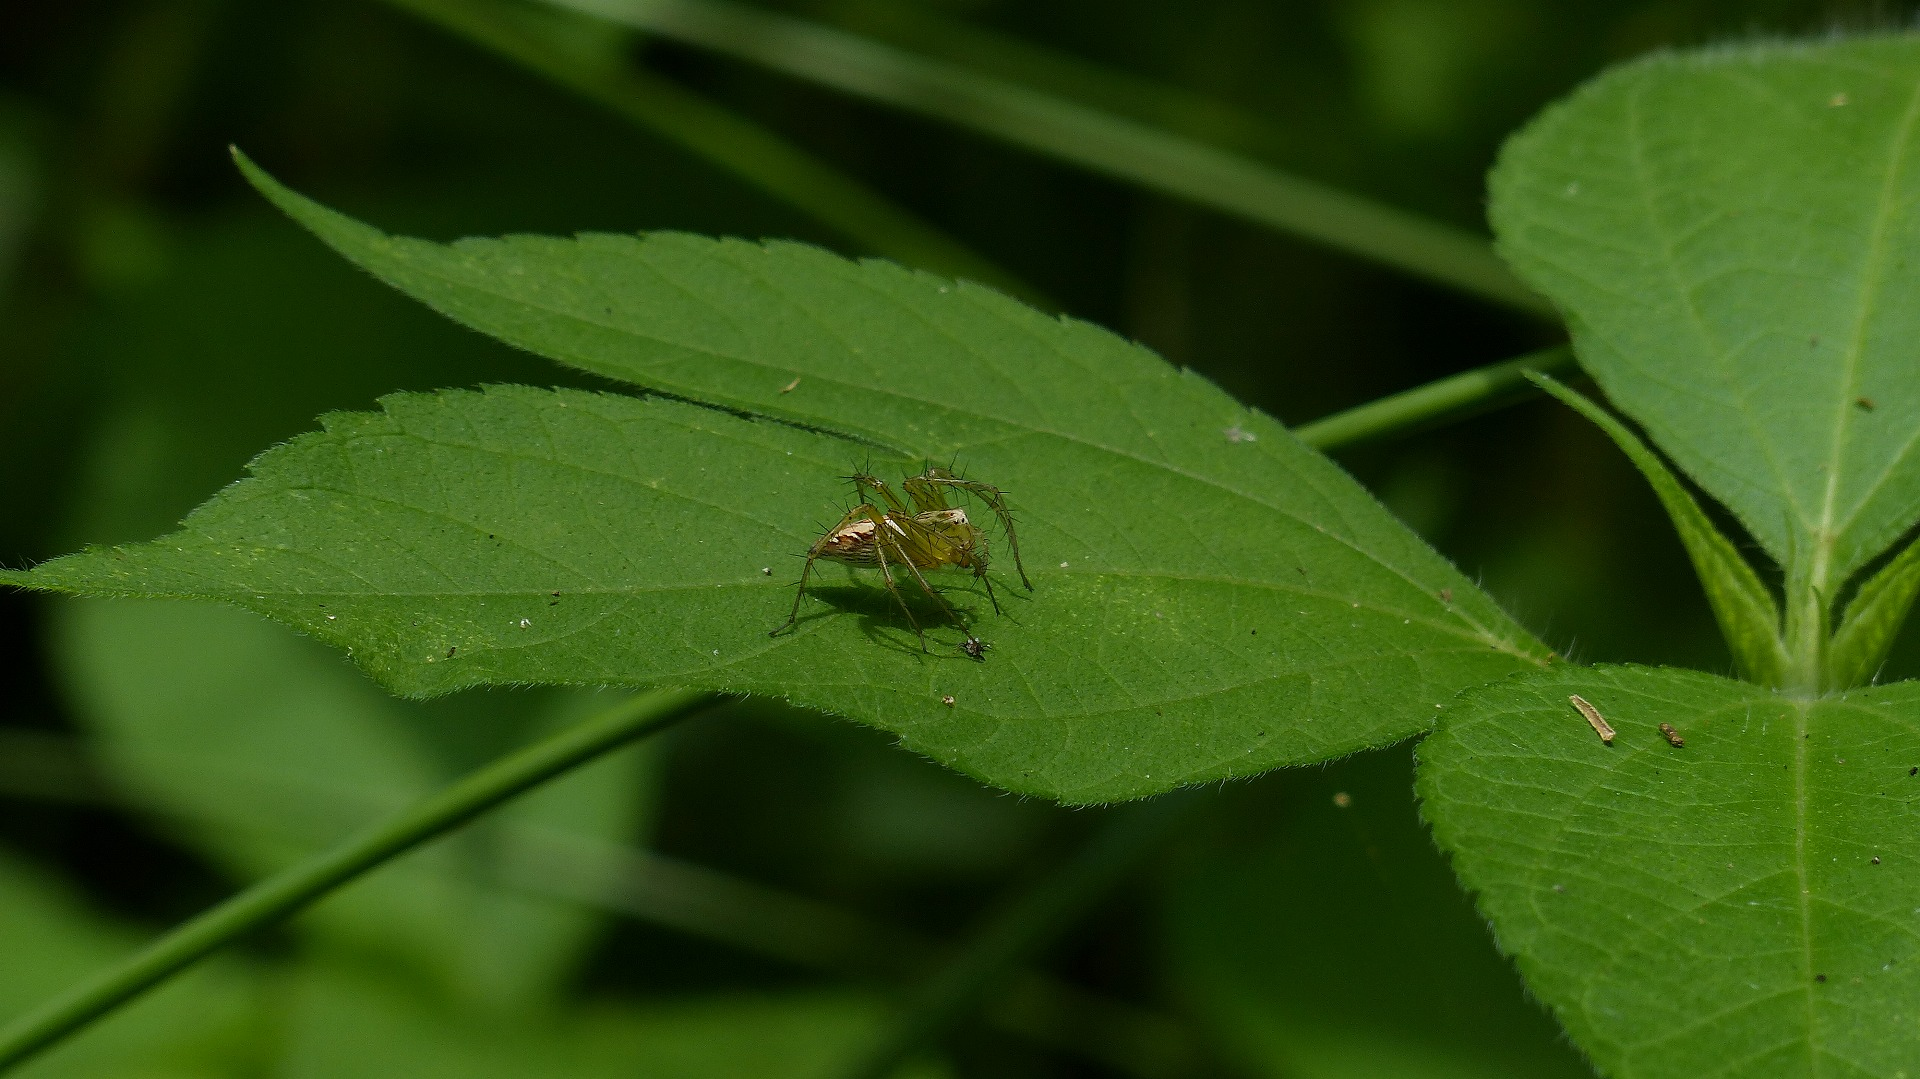 昆虫の森シリーズ 徘徊する蜘蛛_a0185081_13125234.jpg